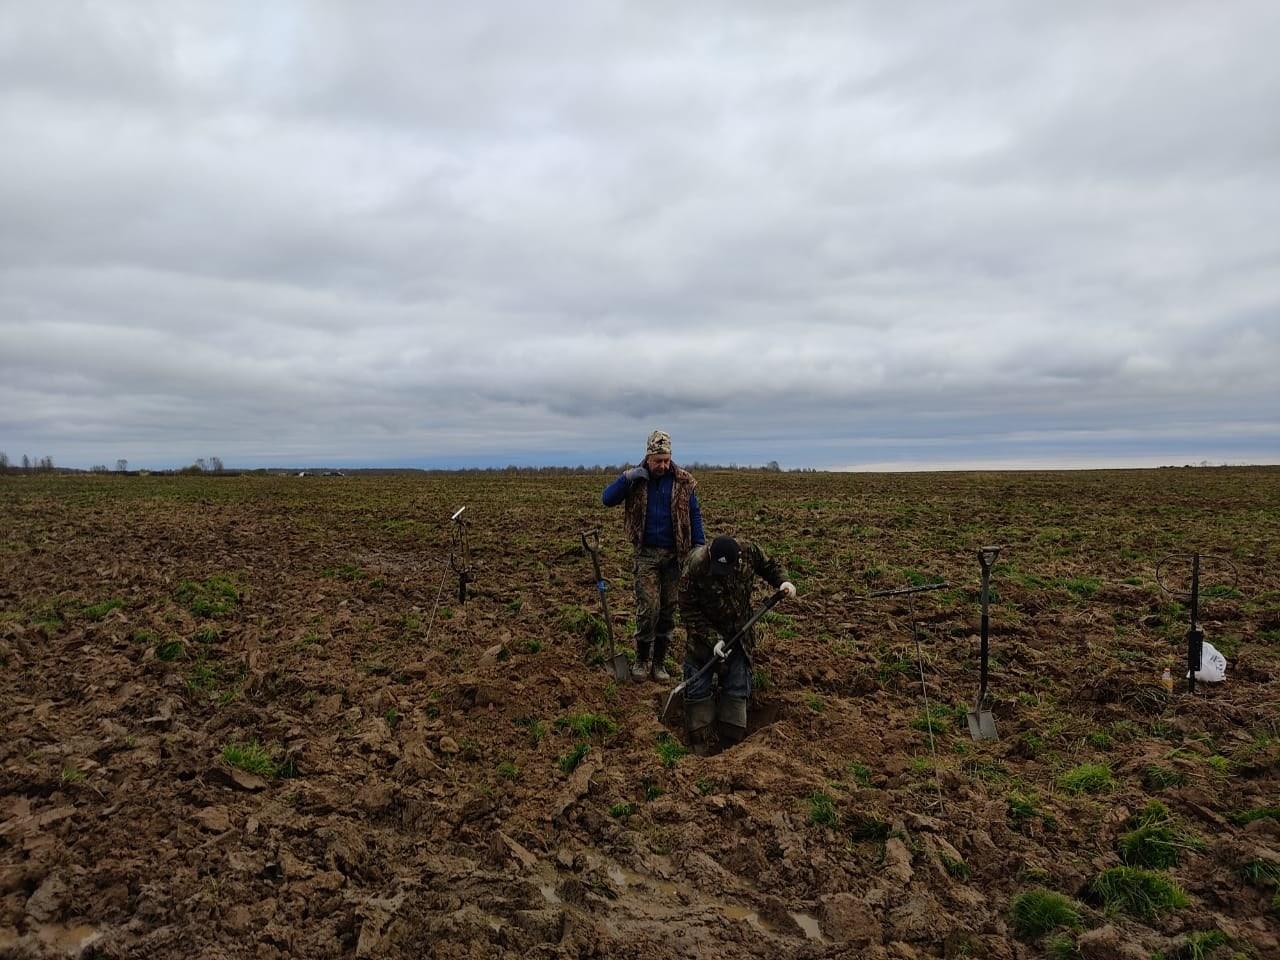 Под Ржевом на вспаханном поле нашли трех красноармейцев со снаряжением